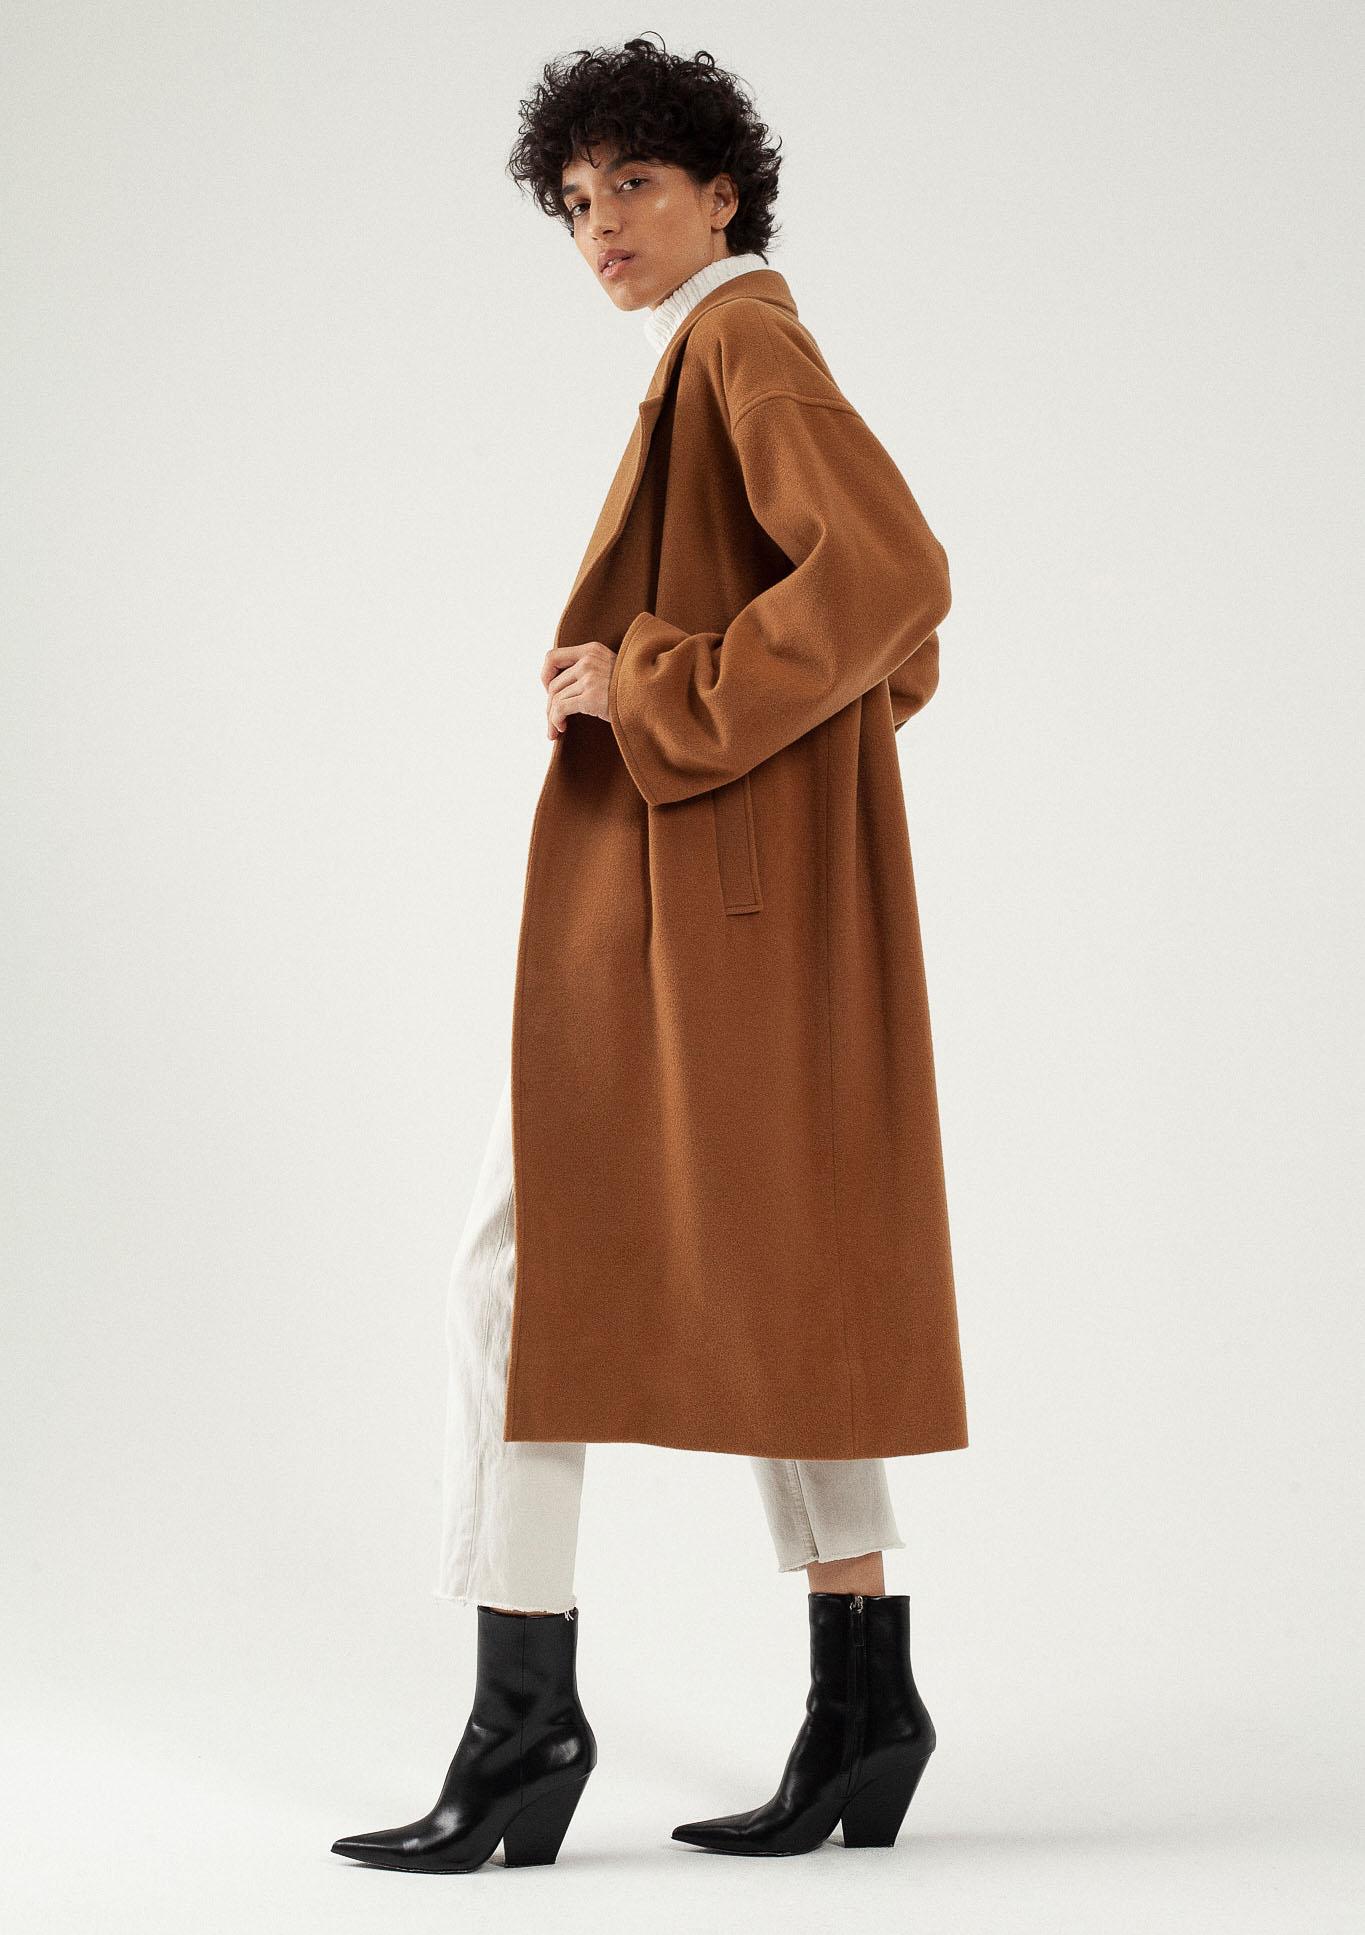 Manteau long camel oversize en laine par le créateur Tremblepierre. chez AFFAIRES ÉTRANGÈRES - 3